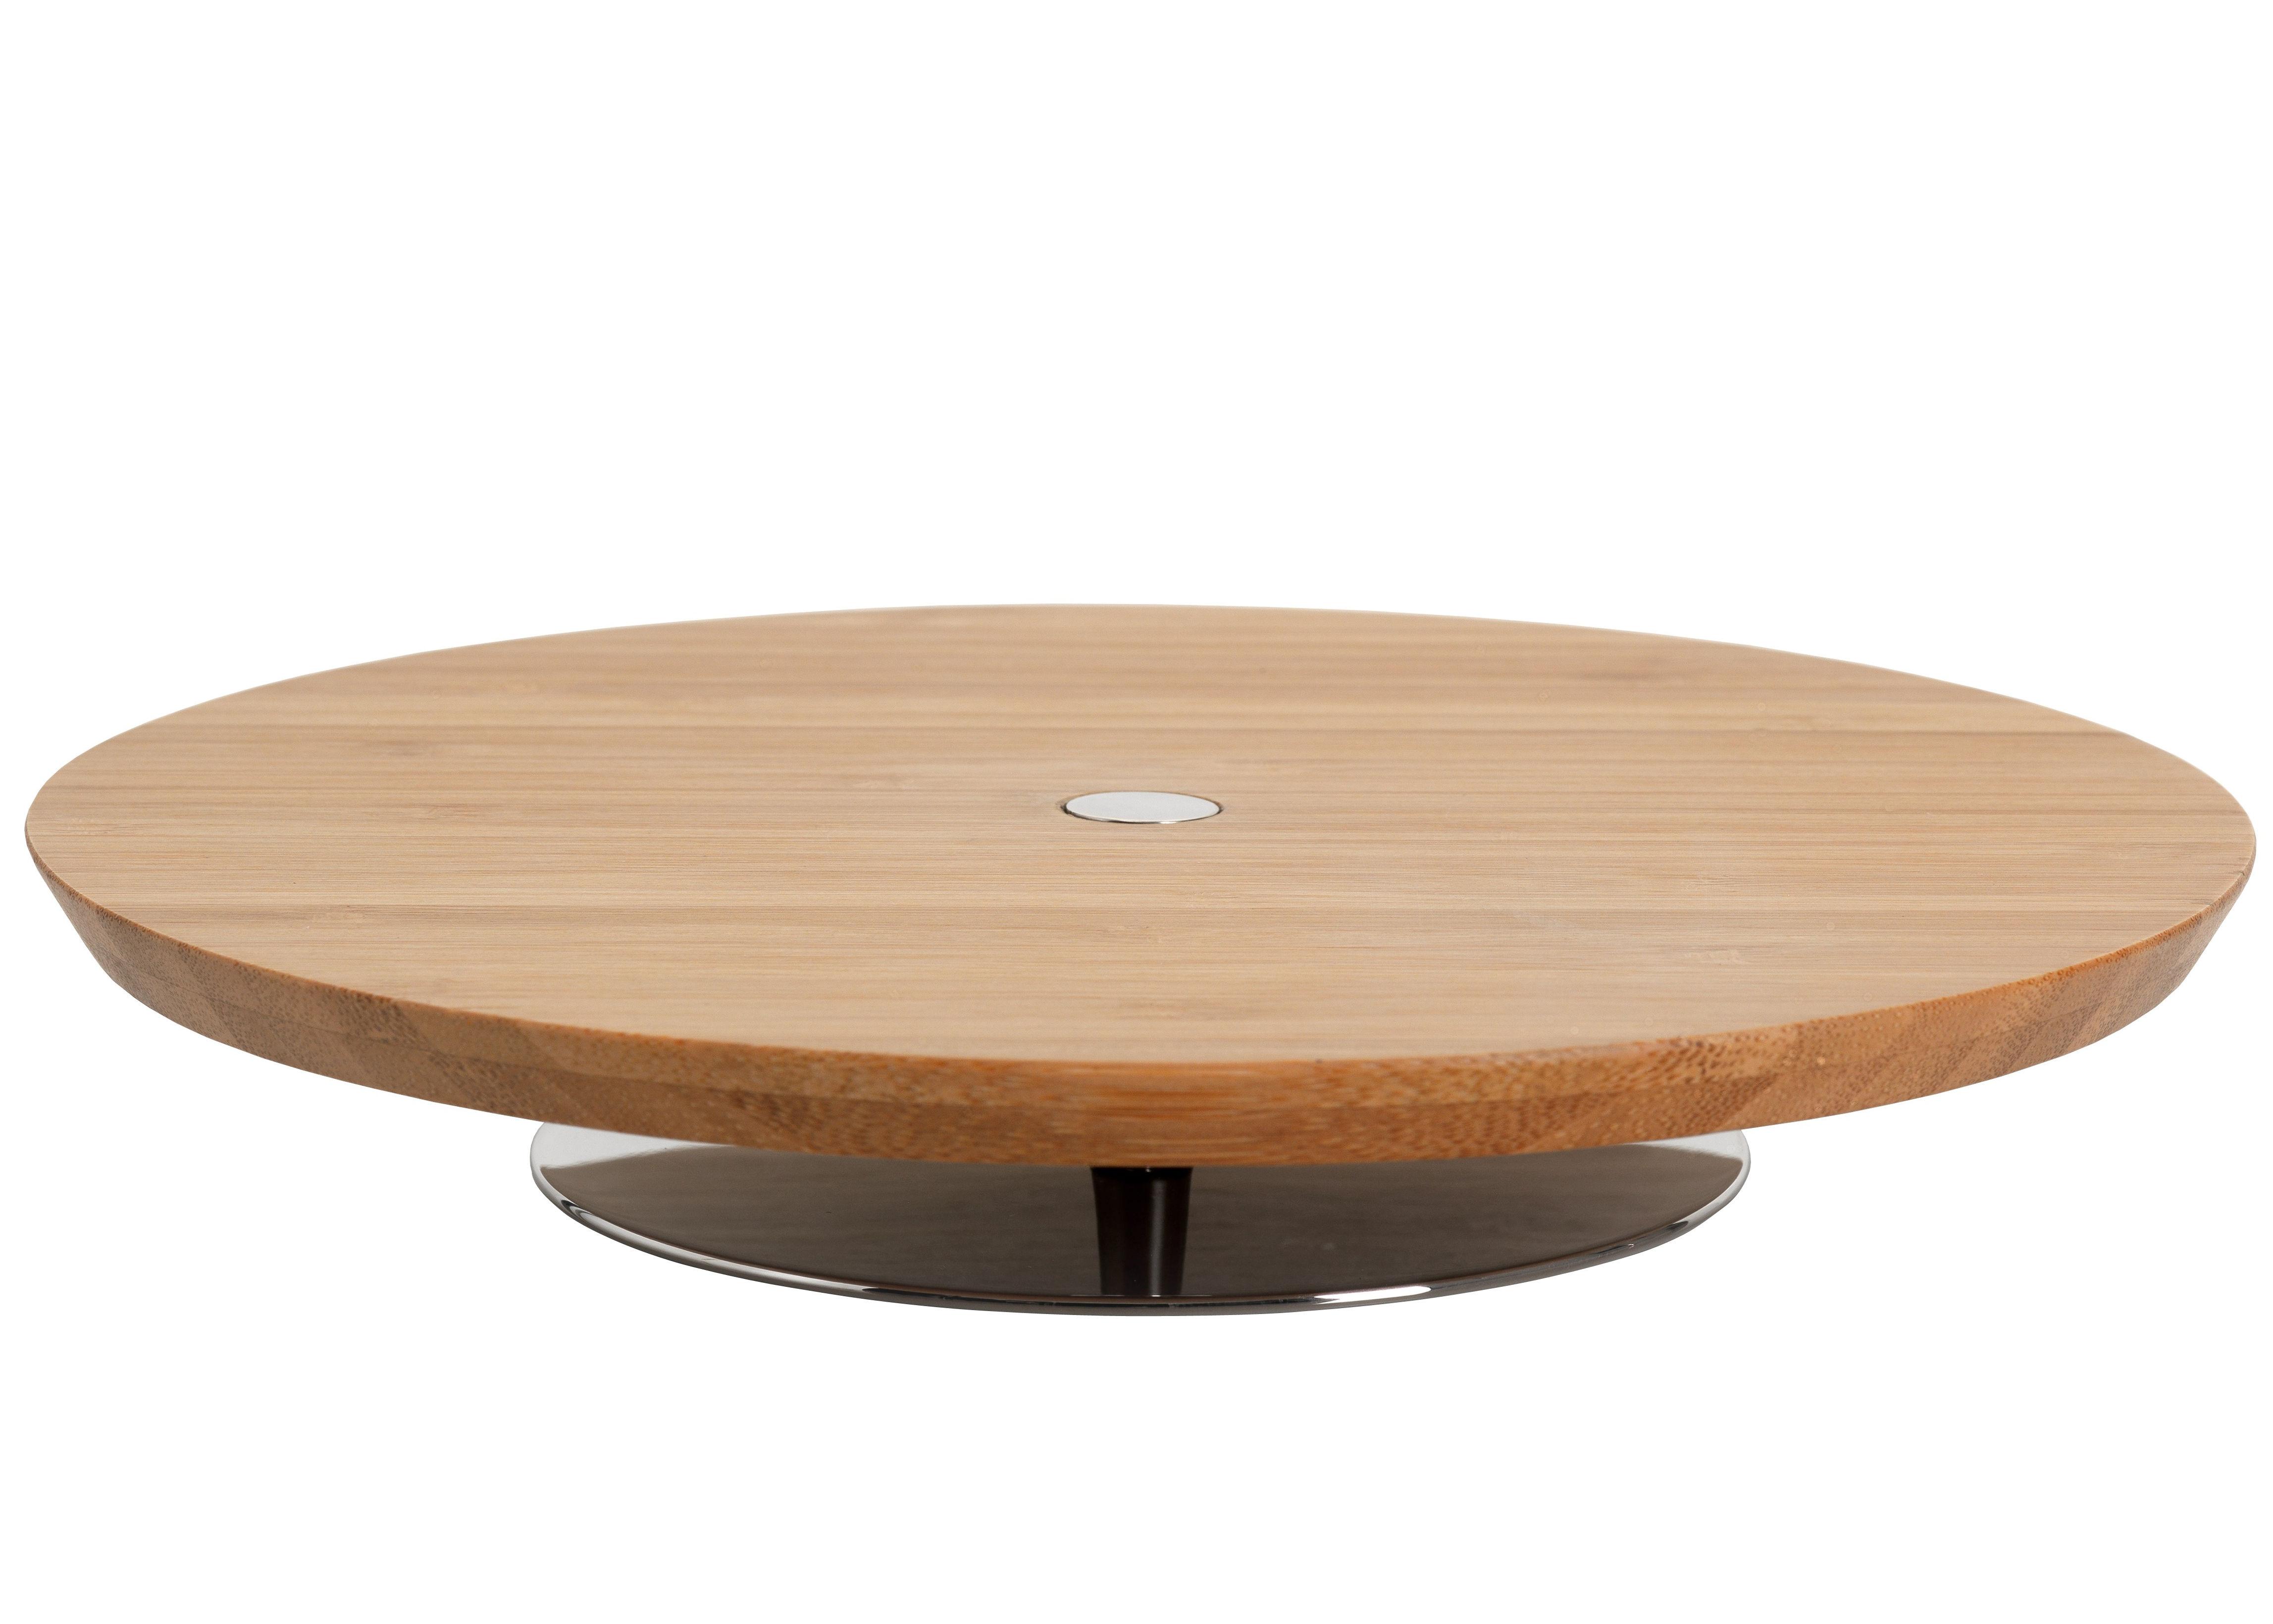 plateau de pr sentation ape 20 cm pour charcuterie et fromages 20 cm x h 3 5 cm bois. Black Bedroom Furniture Sets. Home Design Ideas